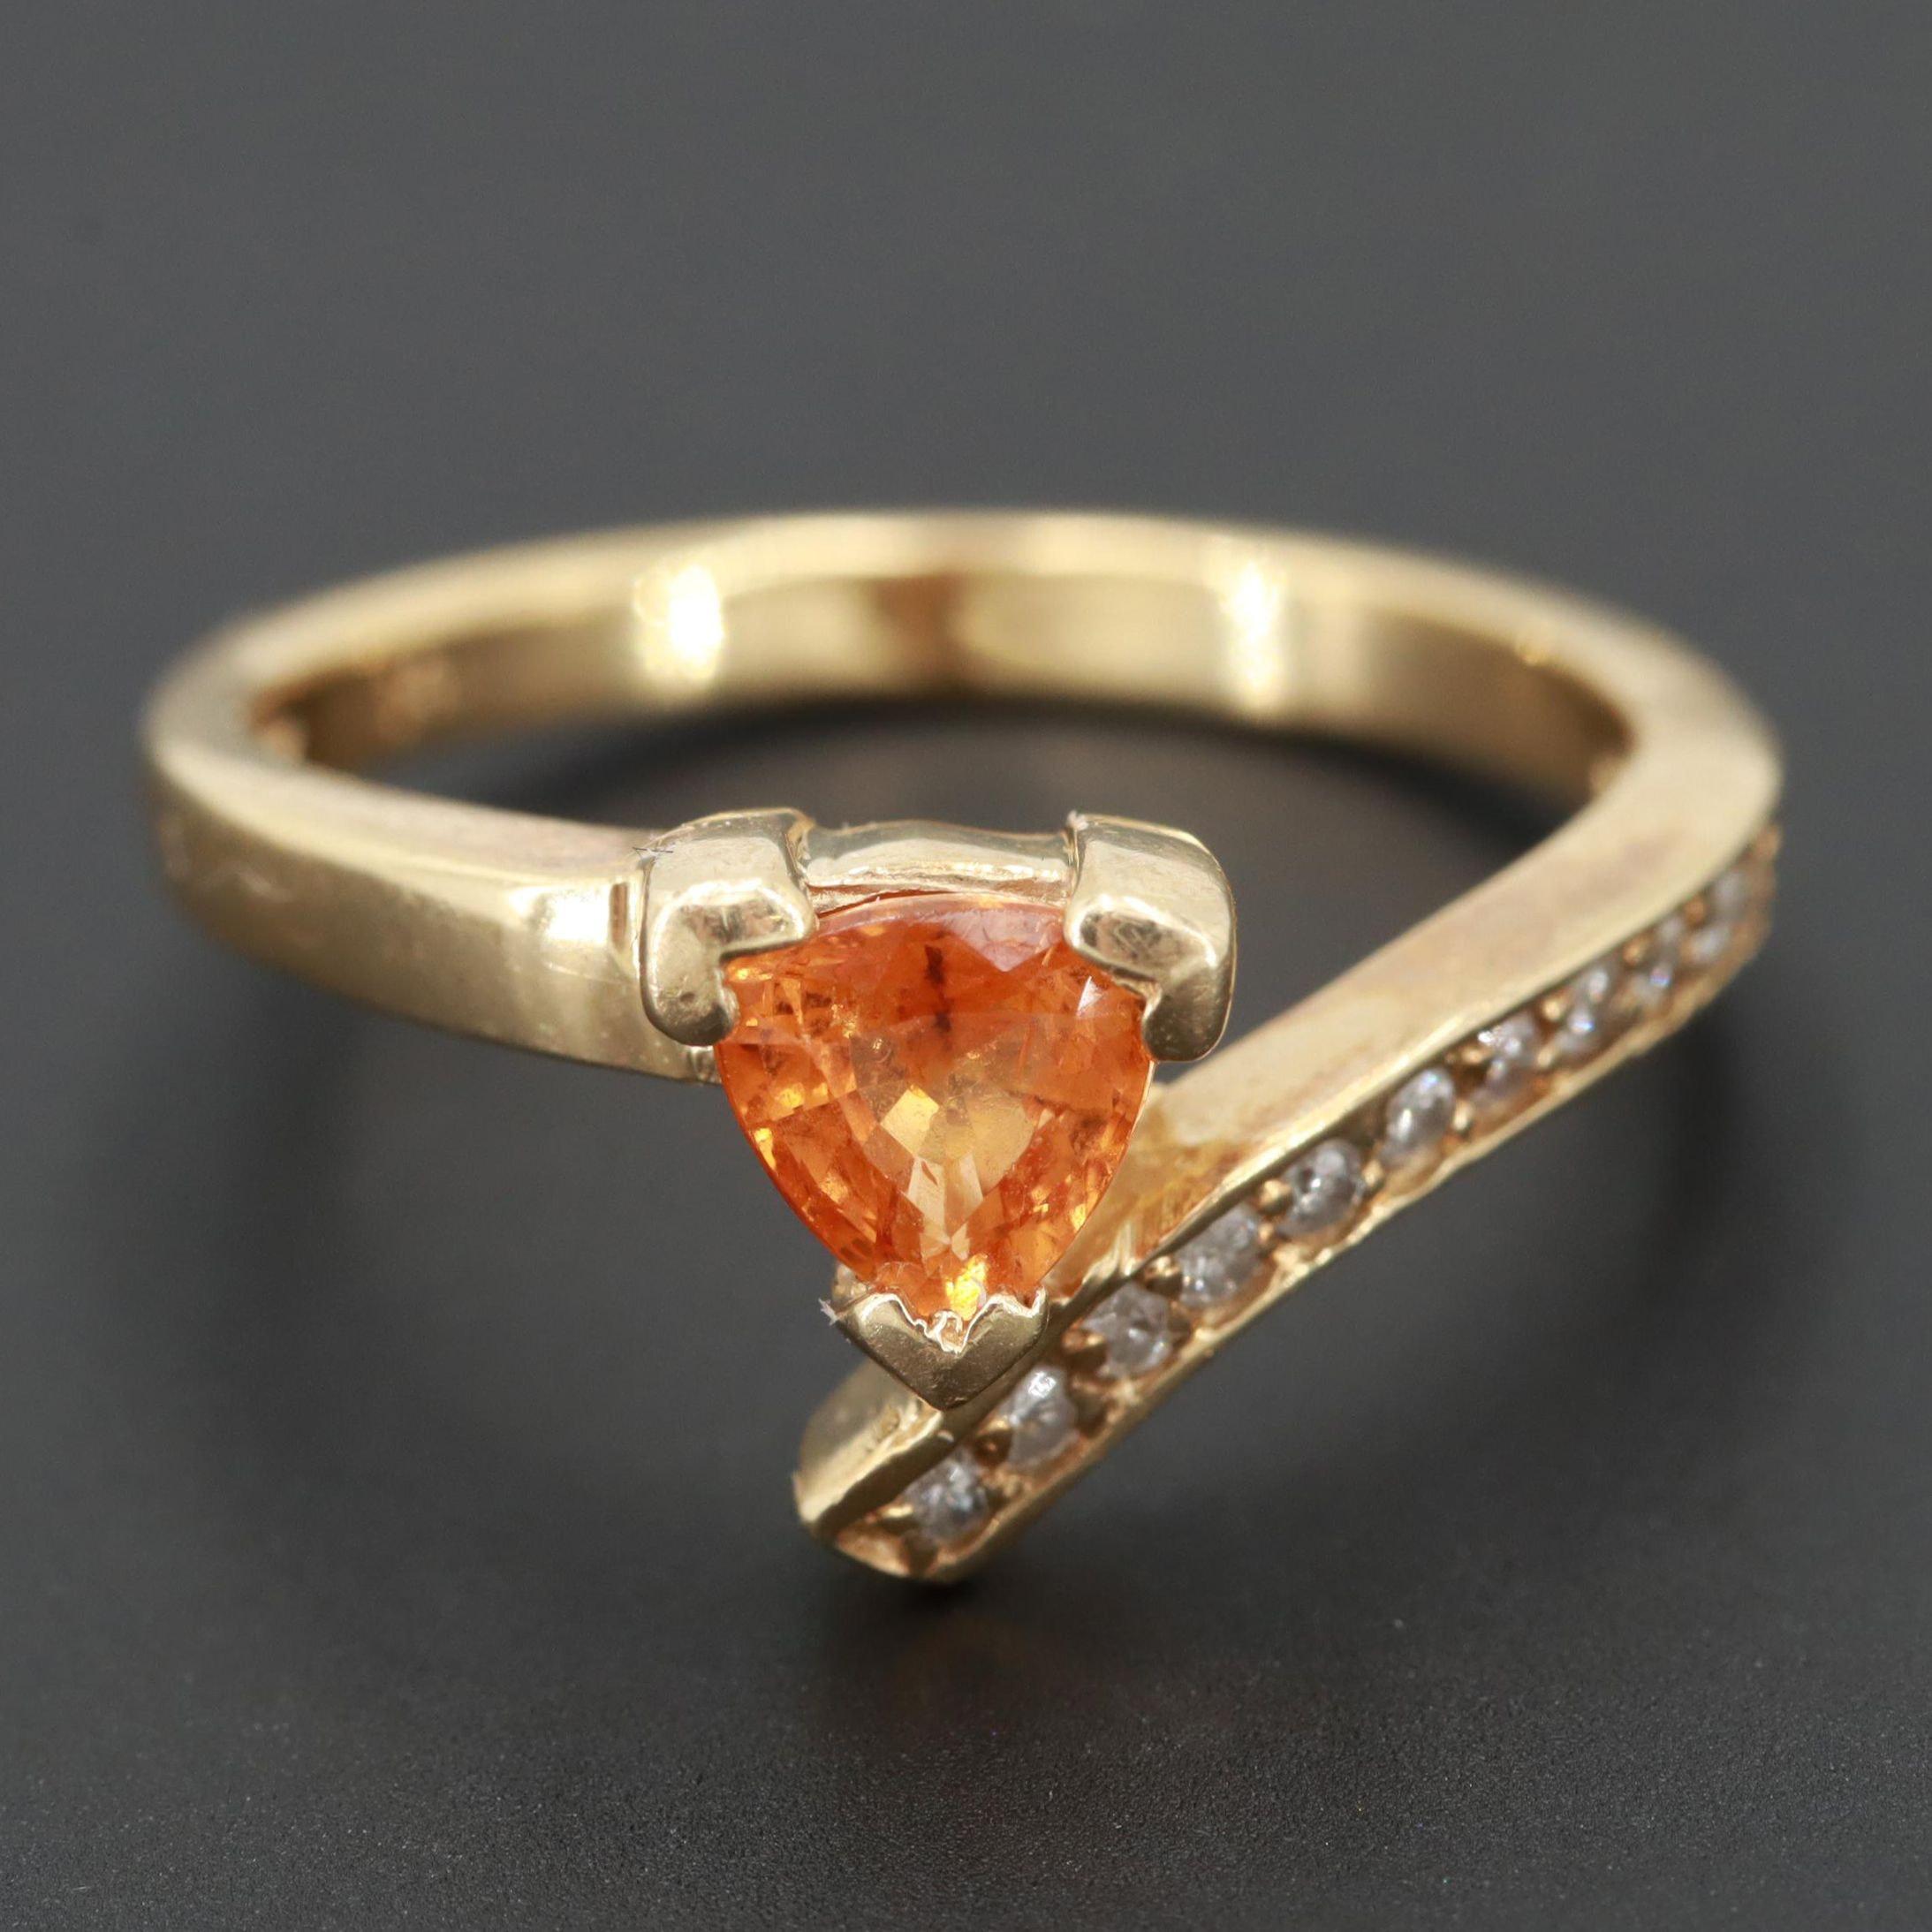 14K Yellow Gold Spessartine Garnet and Diamond Bypass Ring